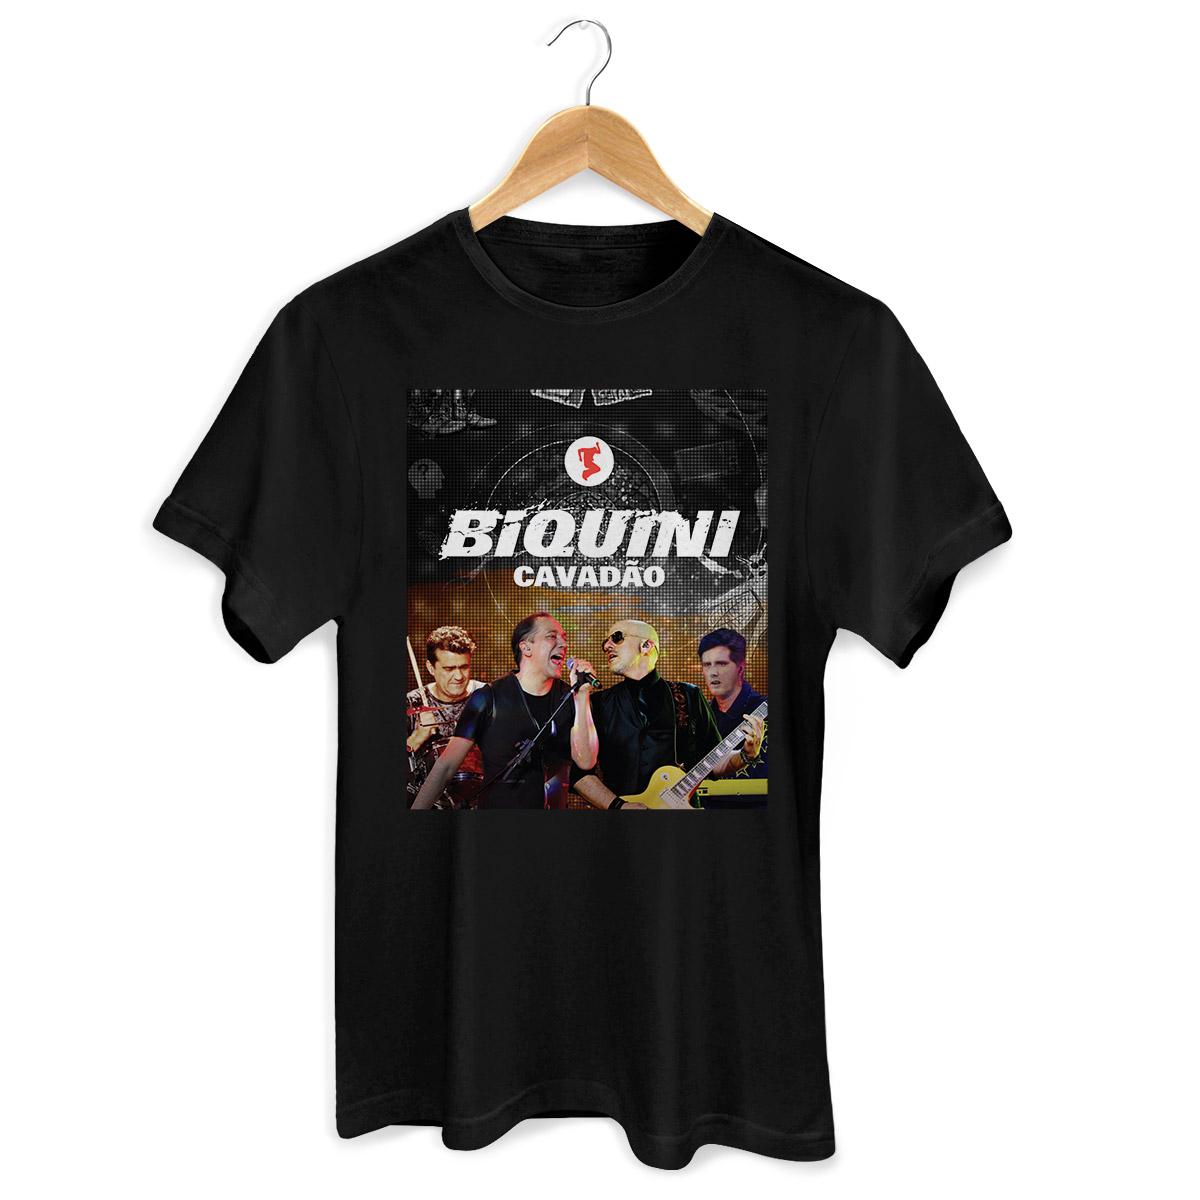 Camiseta Masculina Biquini Cavadão Capa